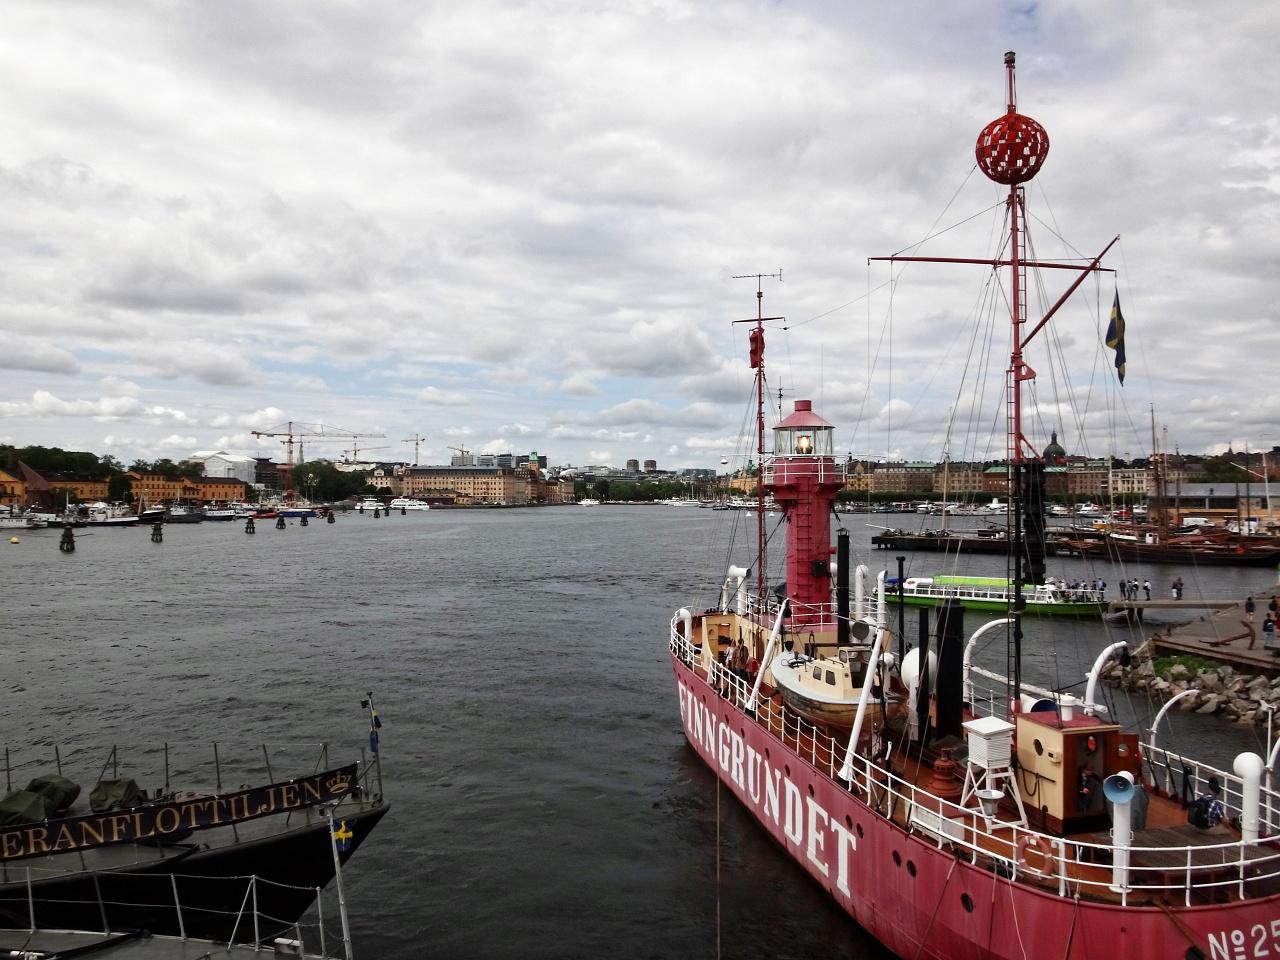 Lightship Finngrundet in Stockholm Harbor, Stockholm, Sweden